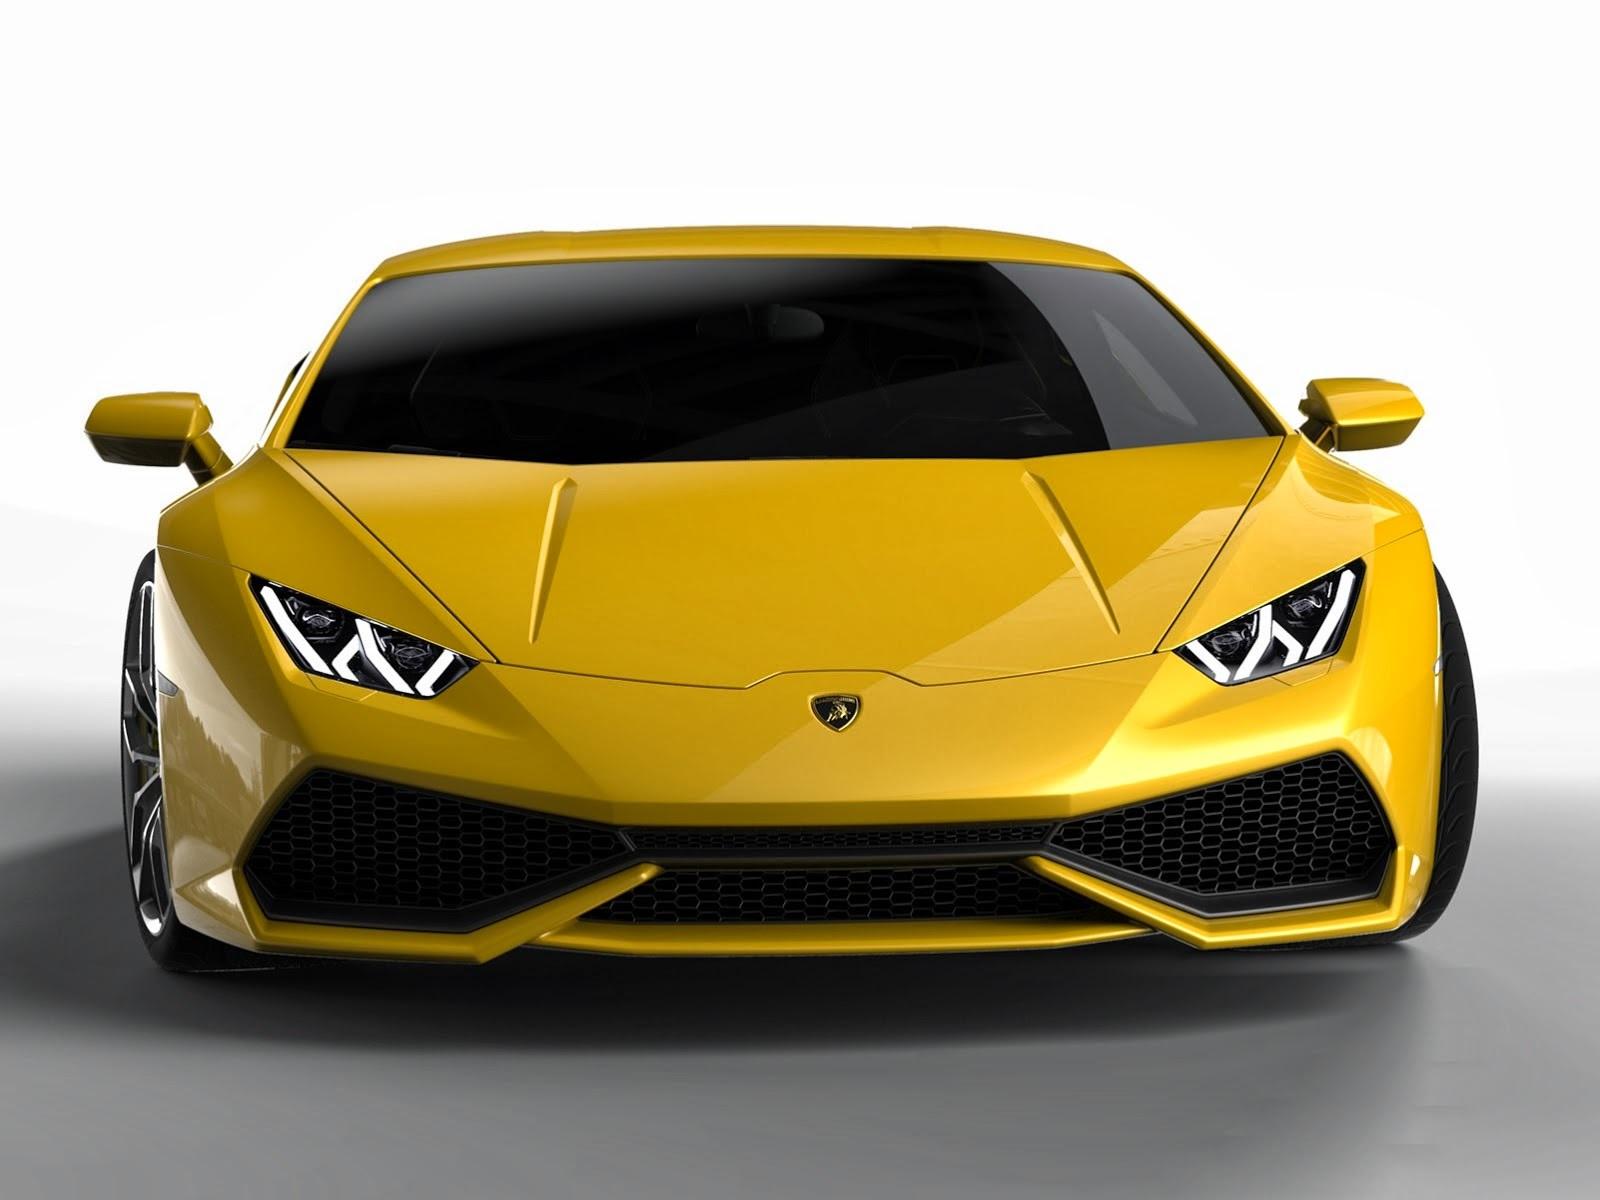 Car Brand Lamborghini Model Huracan Wallpapers And Images